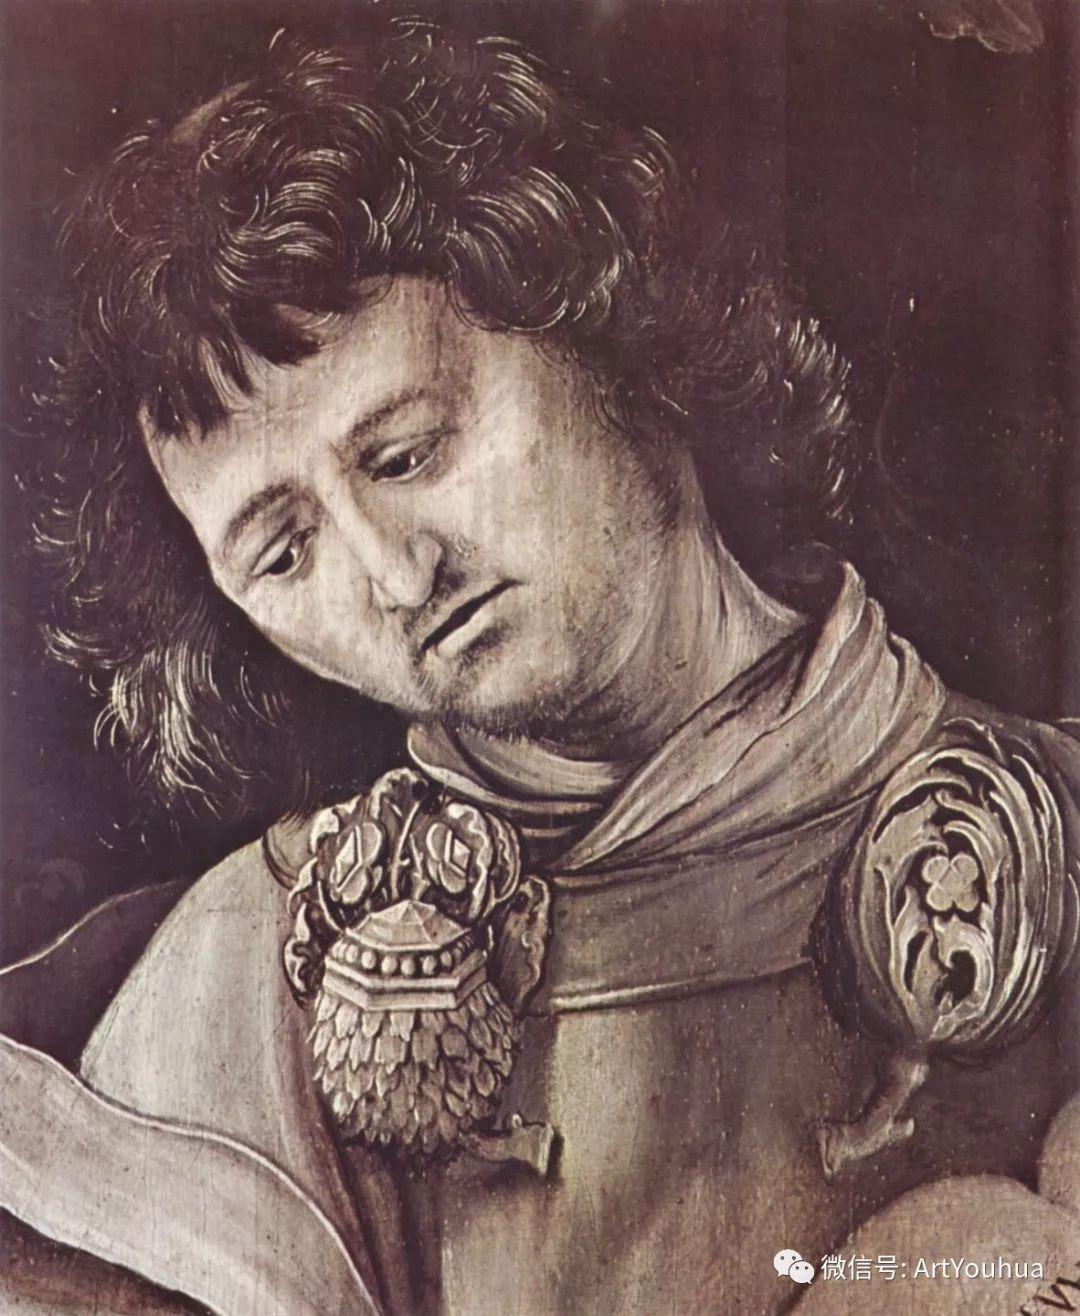 连载No.5 一生要知道的100位世界著名画家之格吕内瓦尔德插图41